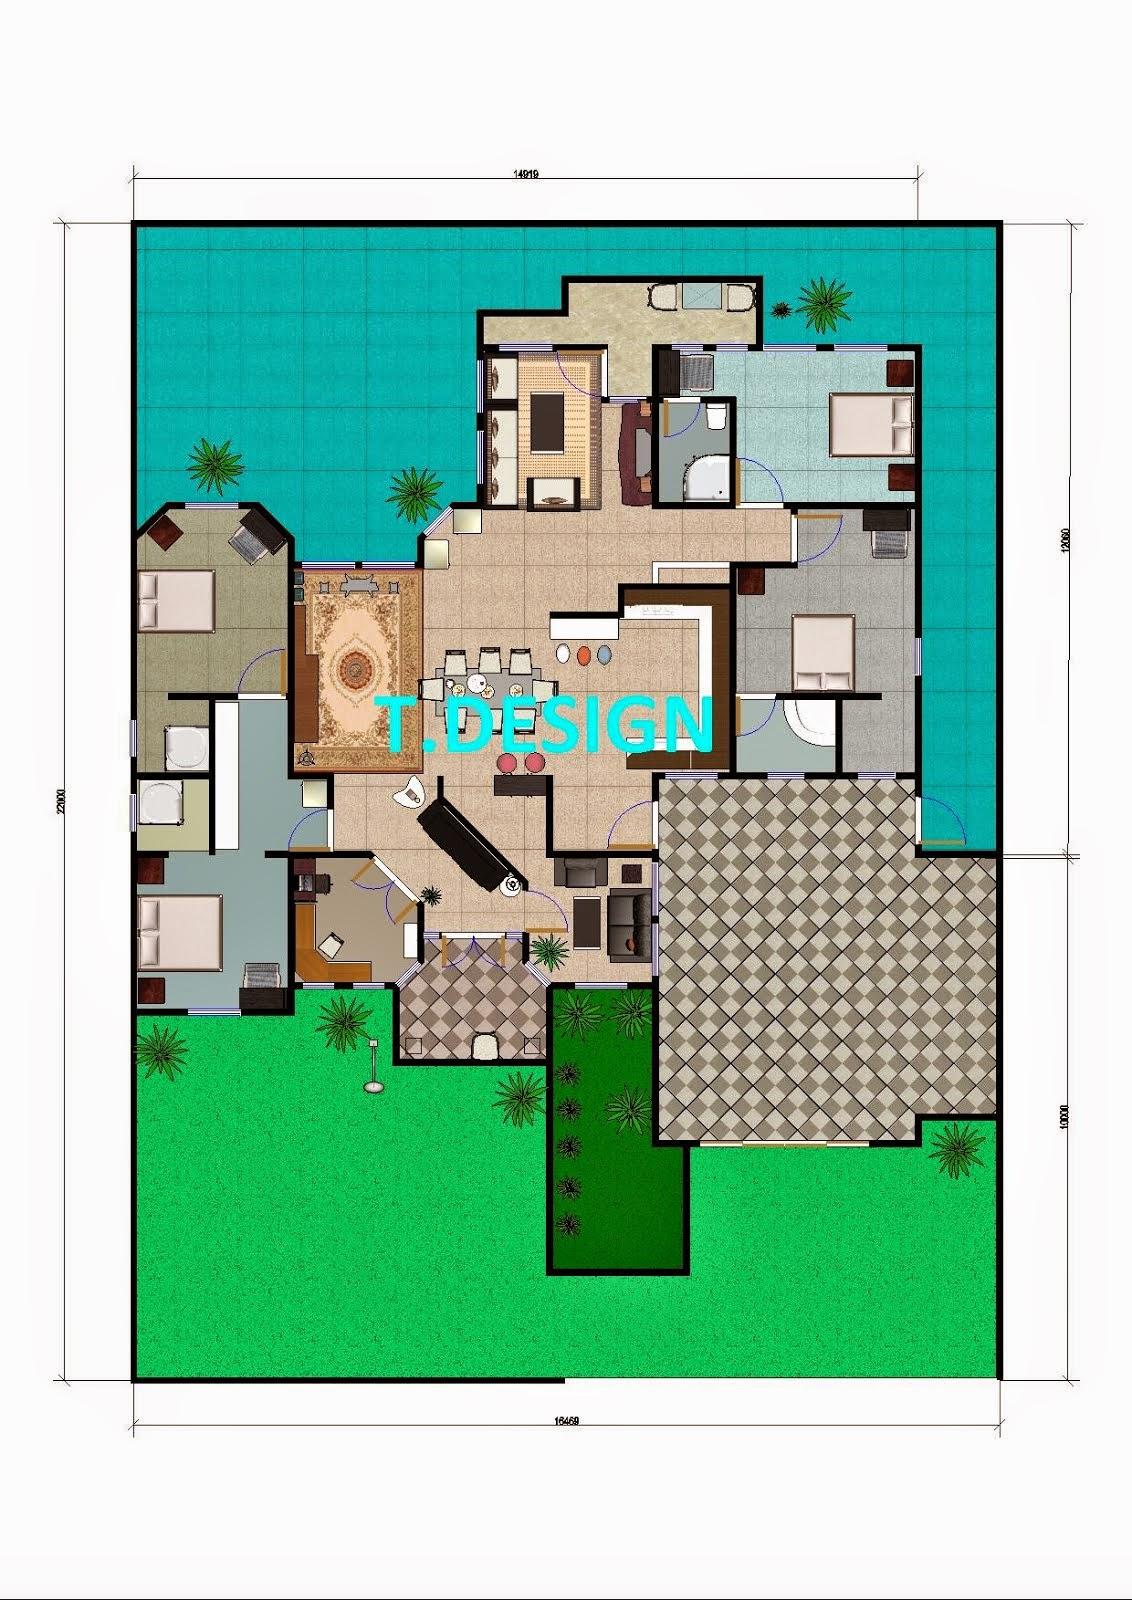 Gambar Desain Rumah Dgn Lahan Sempit Contoh Hu